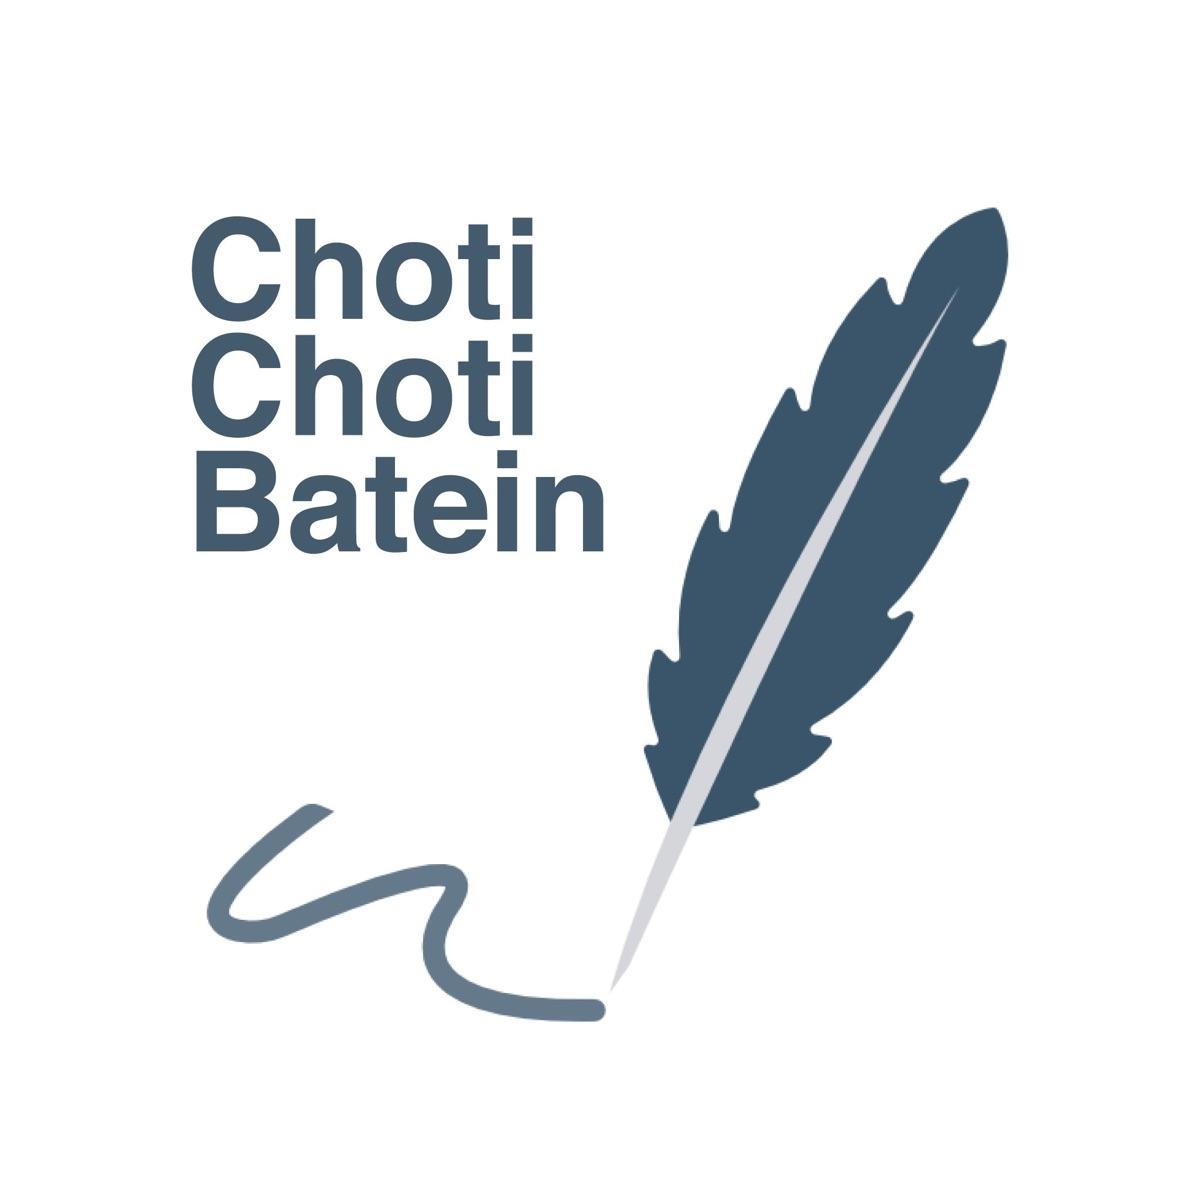 Choti Choti Batein